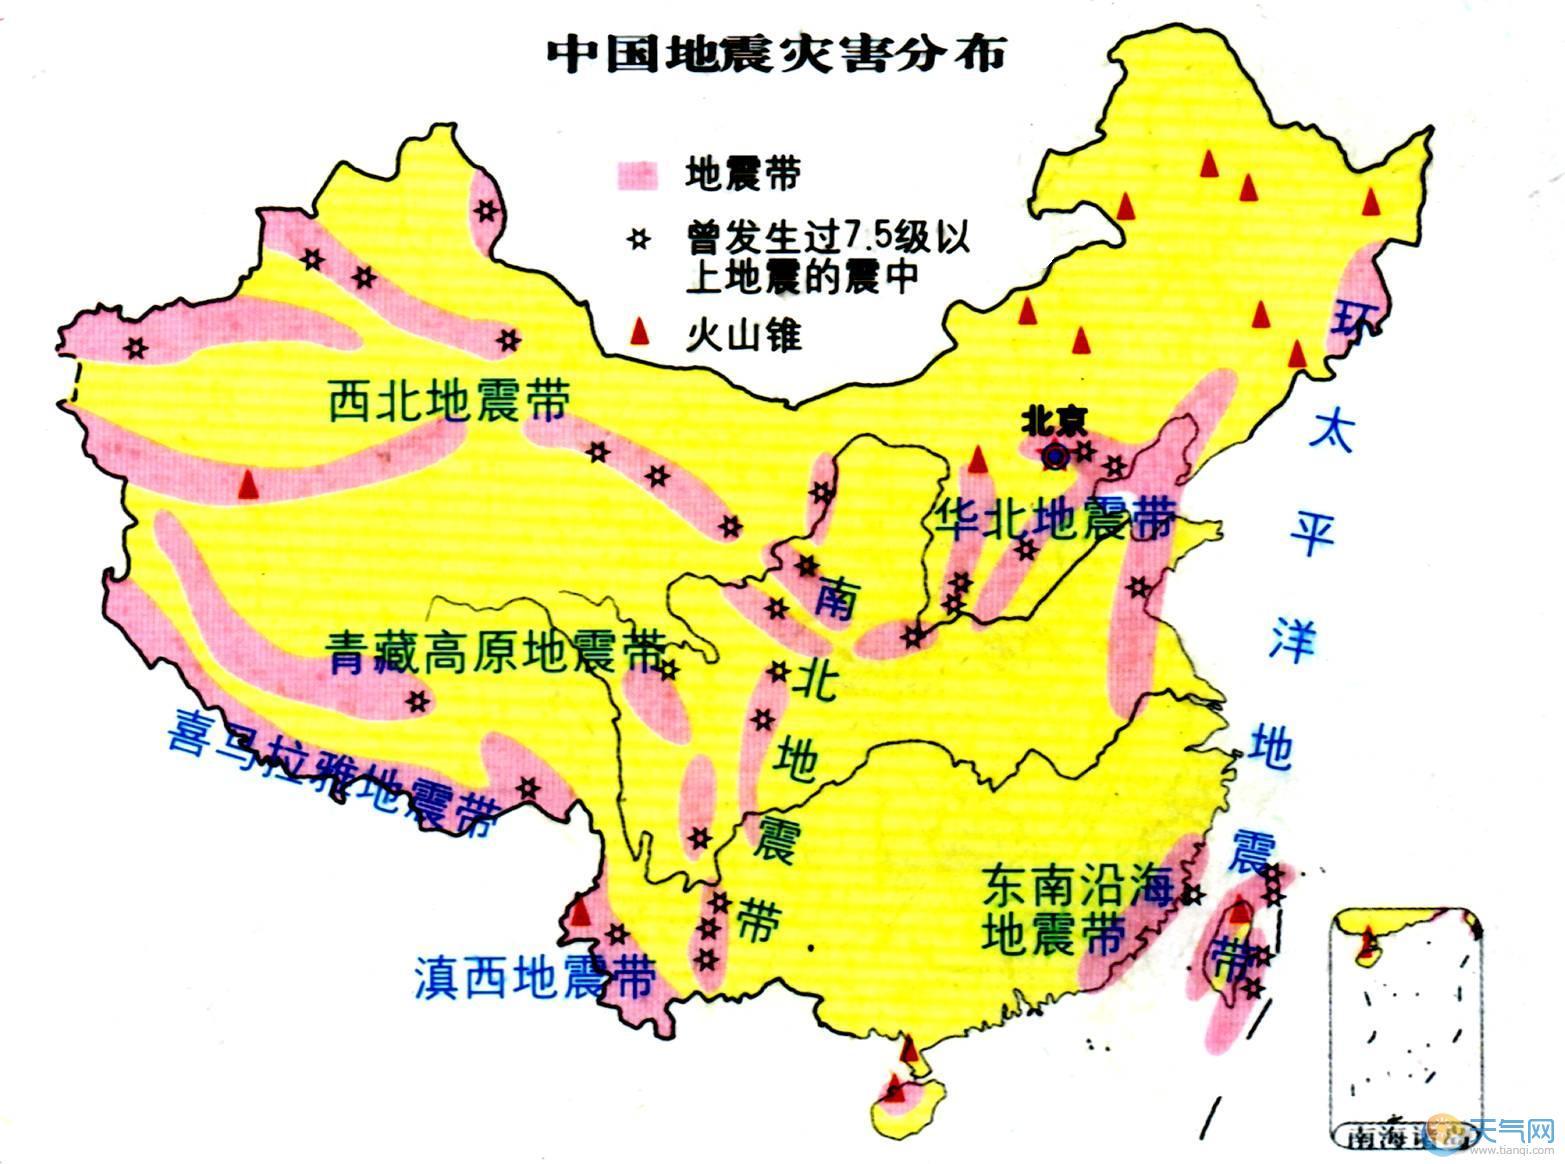 地震图_河南南阳属于地震带吗?框架结构房屋能承受几级地震_河南频道 ...